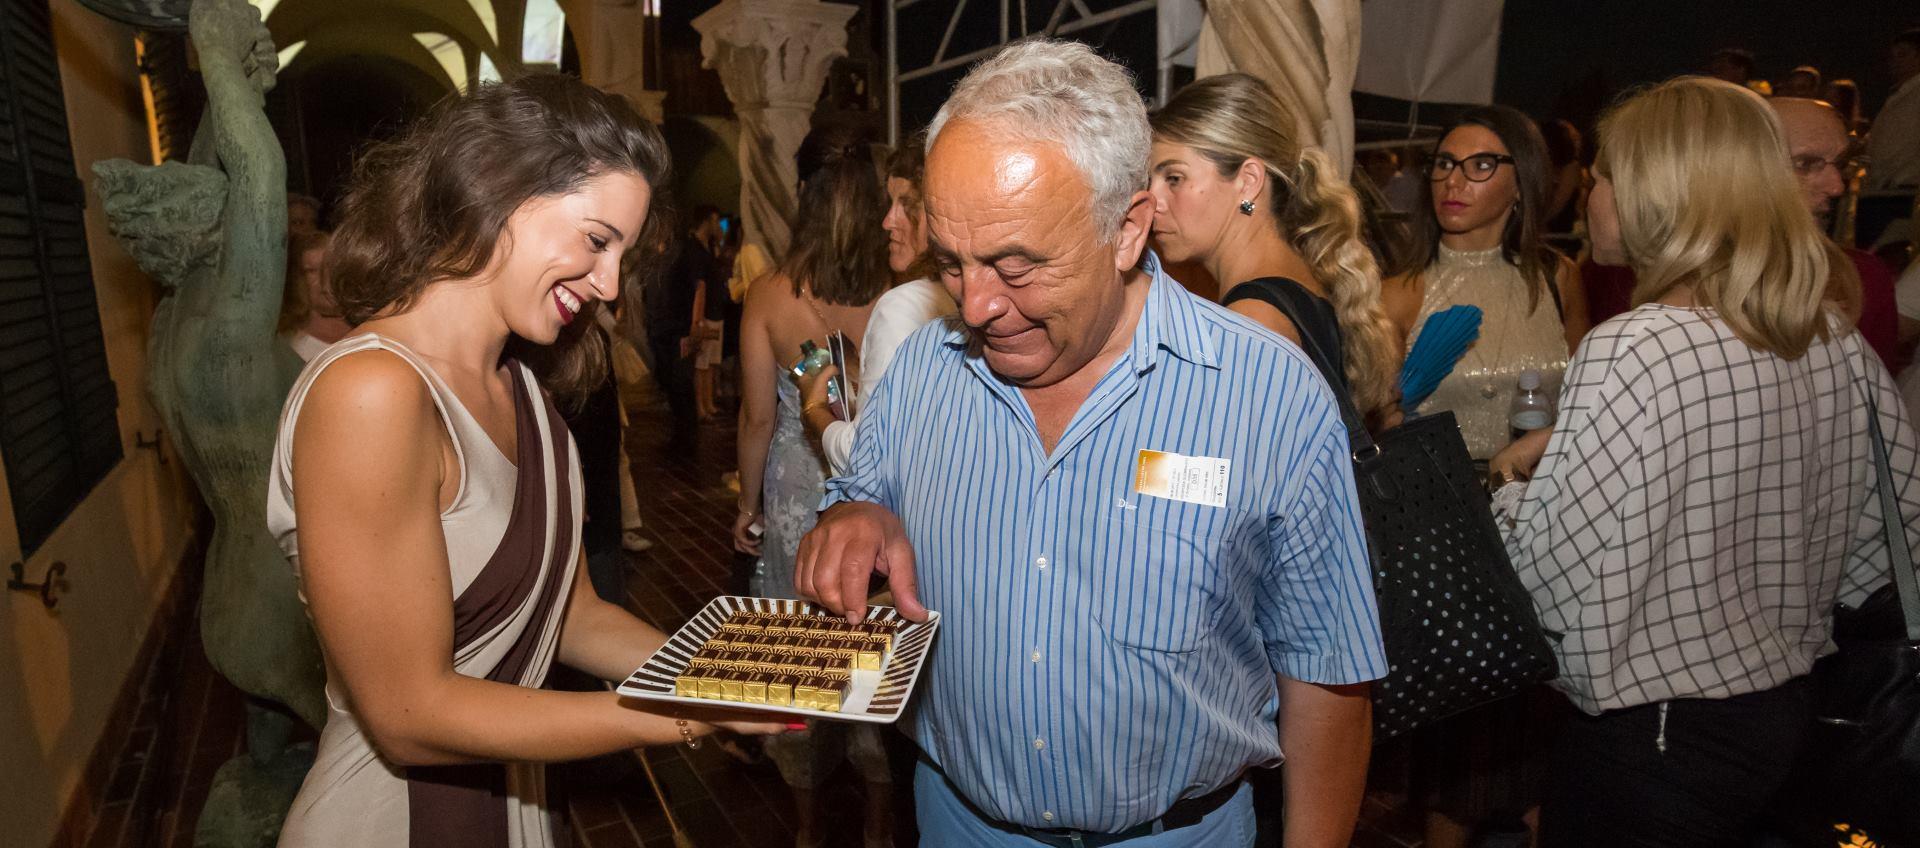 FOTO: Kraš i Dubrovačke ljetne igre nastavljaju uspješnu suradnju